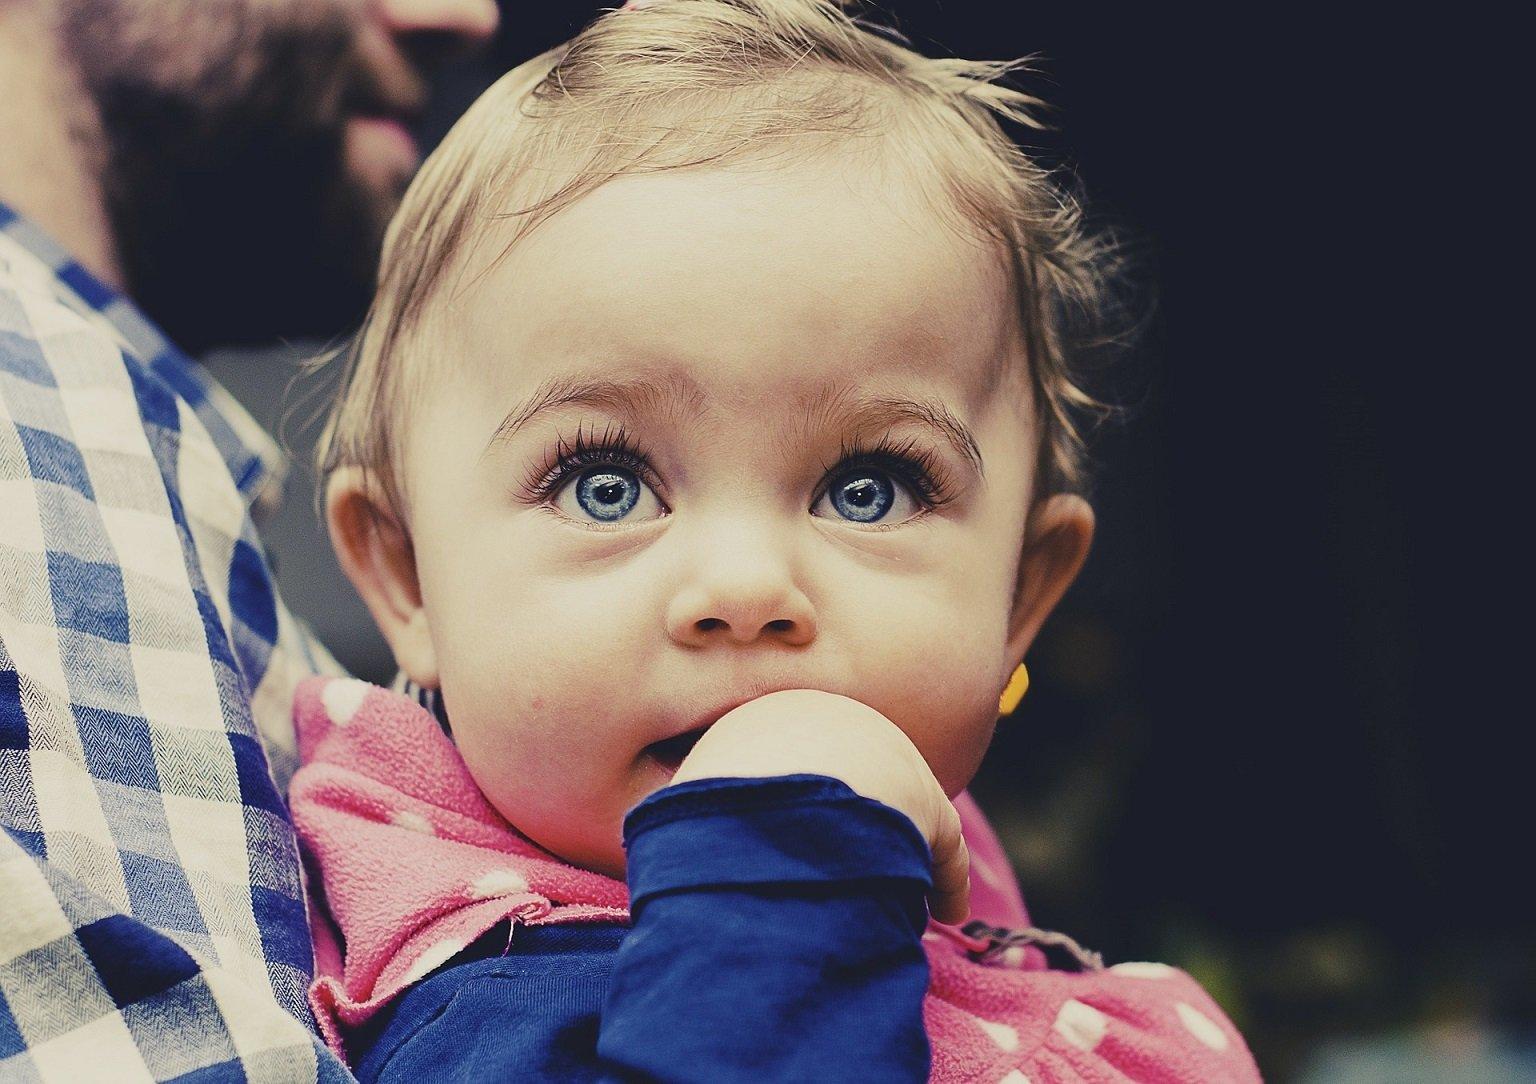 Mit Kinderaugen sehen - © Pixabay